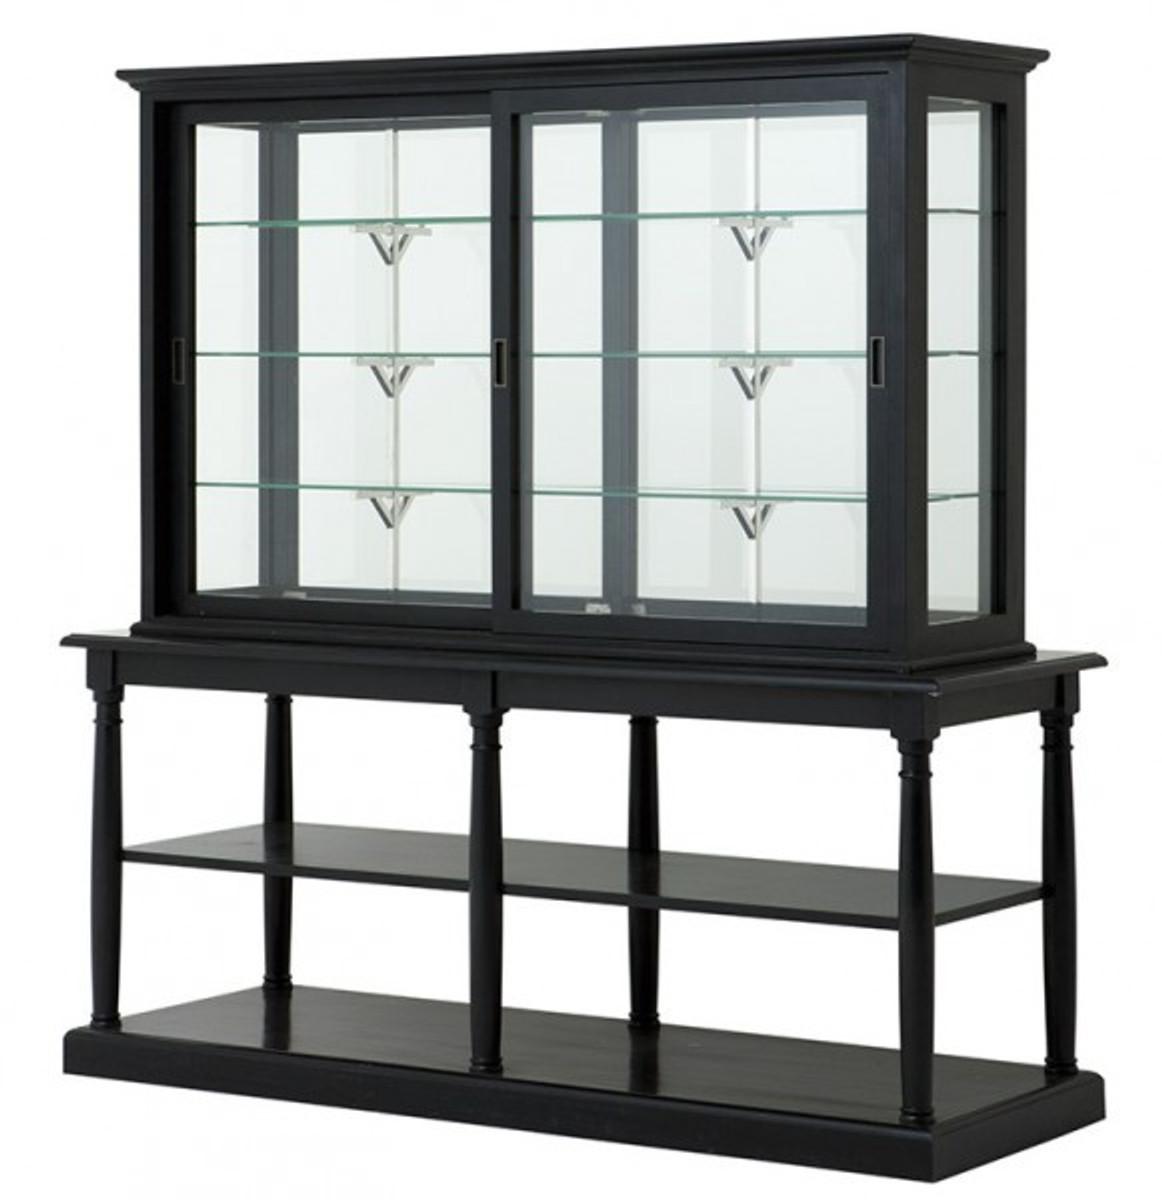 Casa Padrino Luxus Glas Vitrinen Schrank Schwarz Massivholz London Wohnzimmer Barock Jugendstil Rokoko Vitrine Ladeneinrichtung